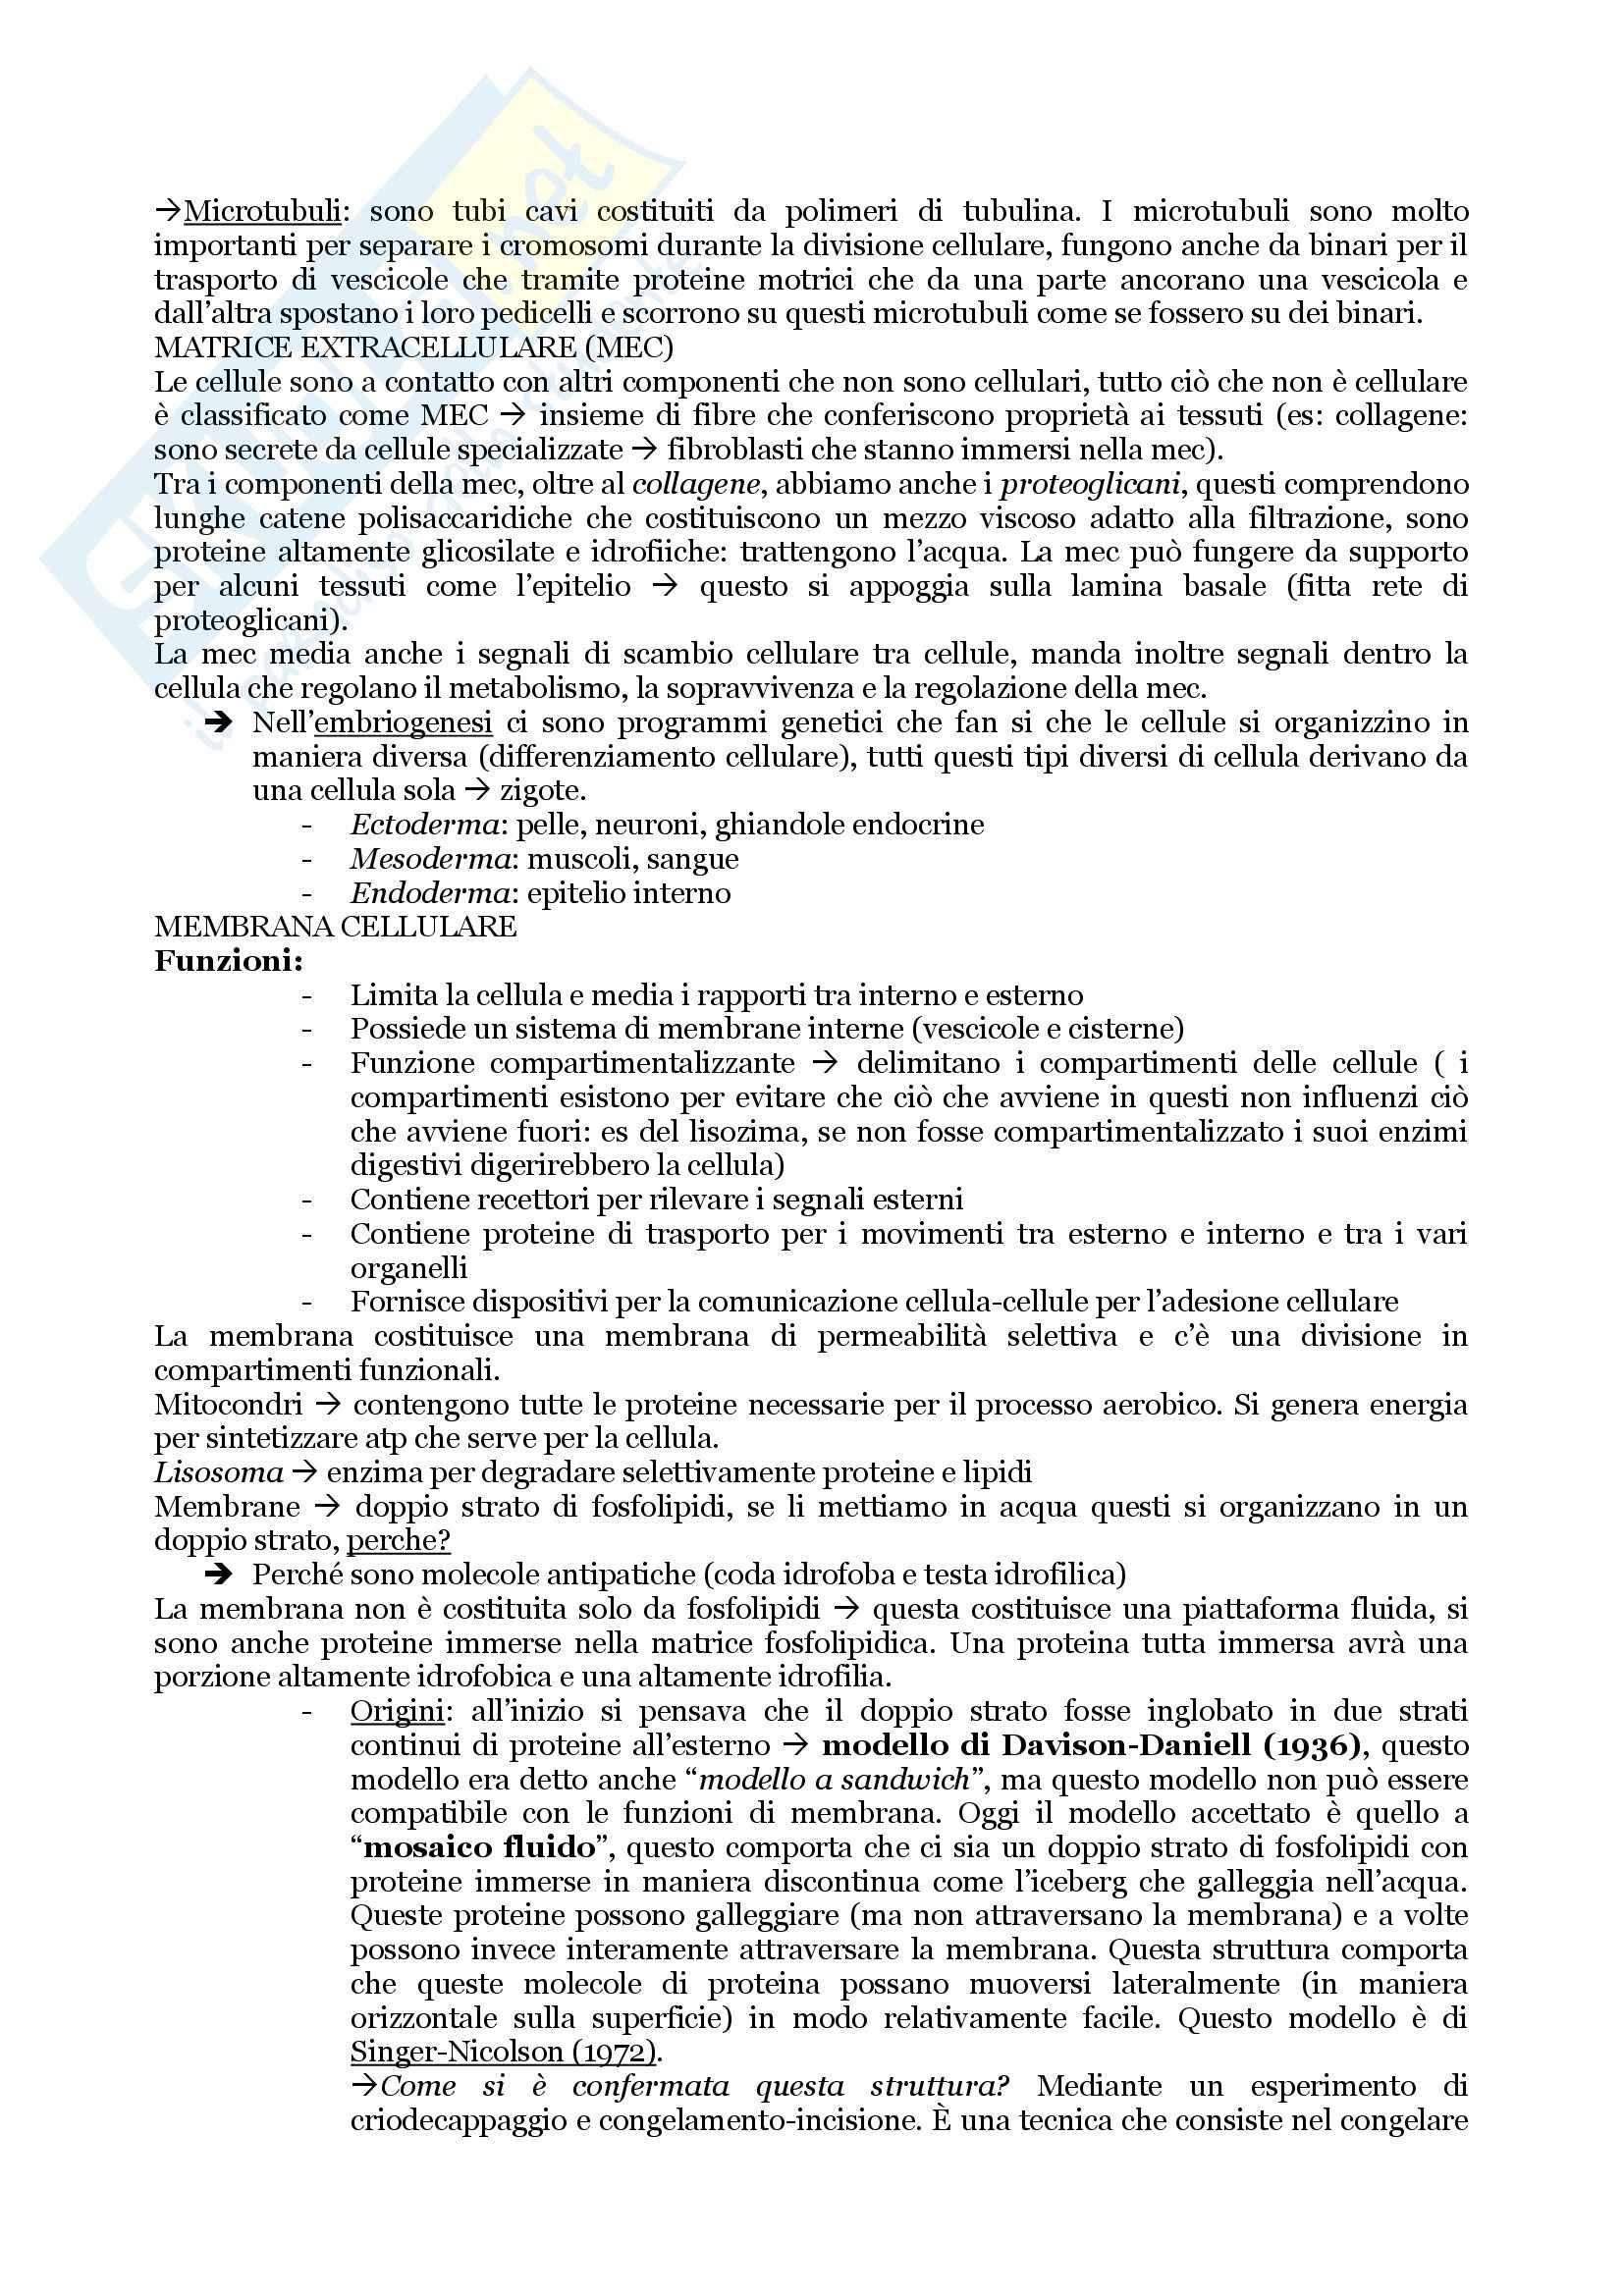 Biologia Applicata - Appunti, Slides e Schemi libro Pag. 11